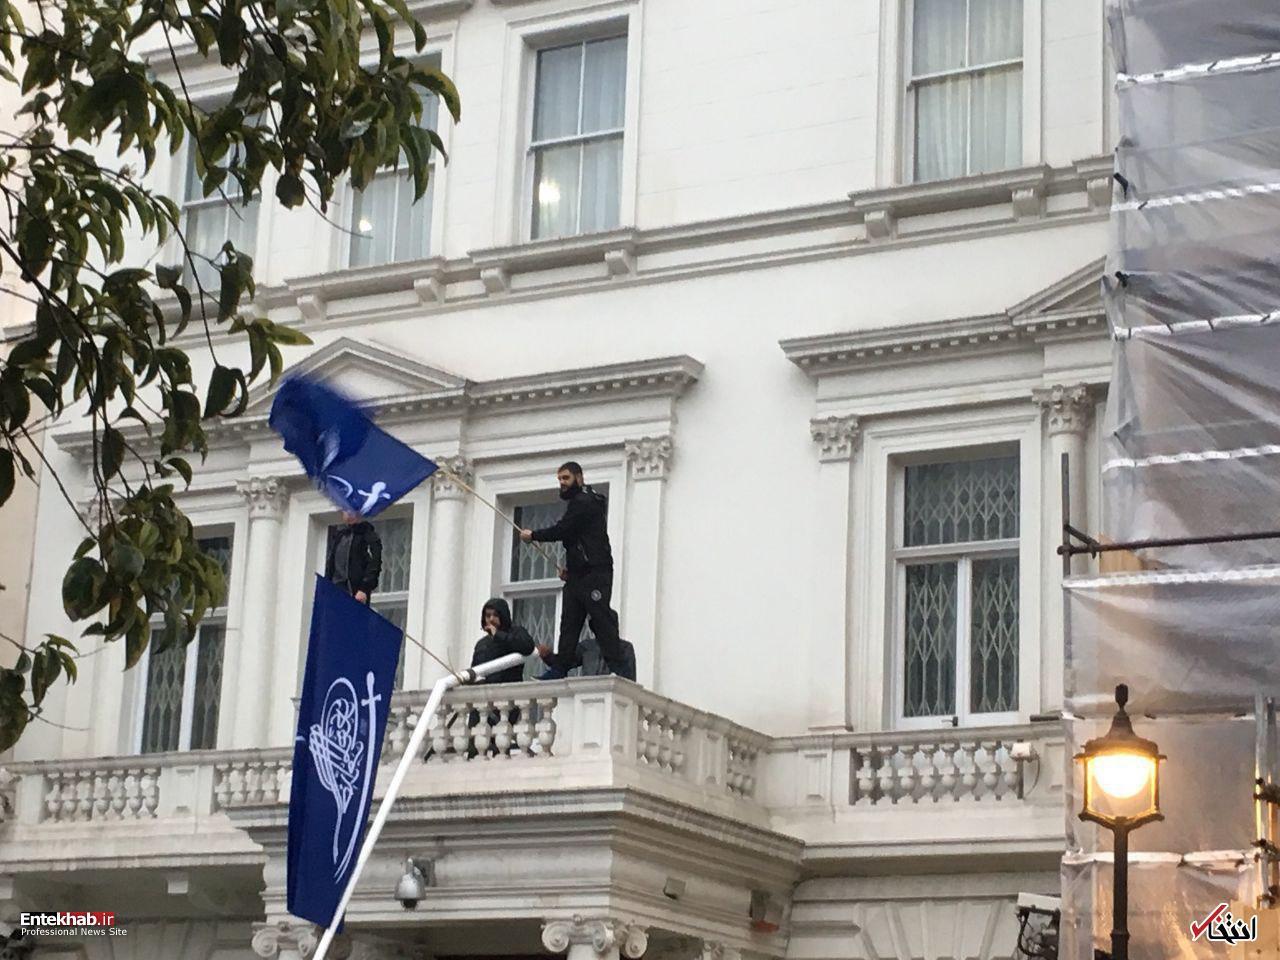 فیلم حمله به  سفات ایران در لندن به روش خودسرها!